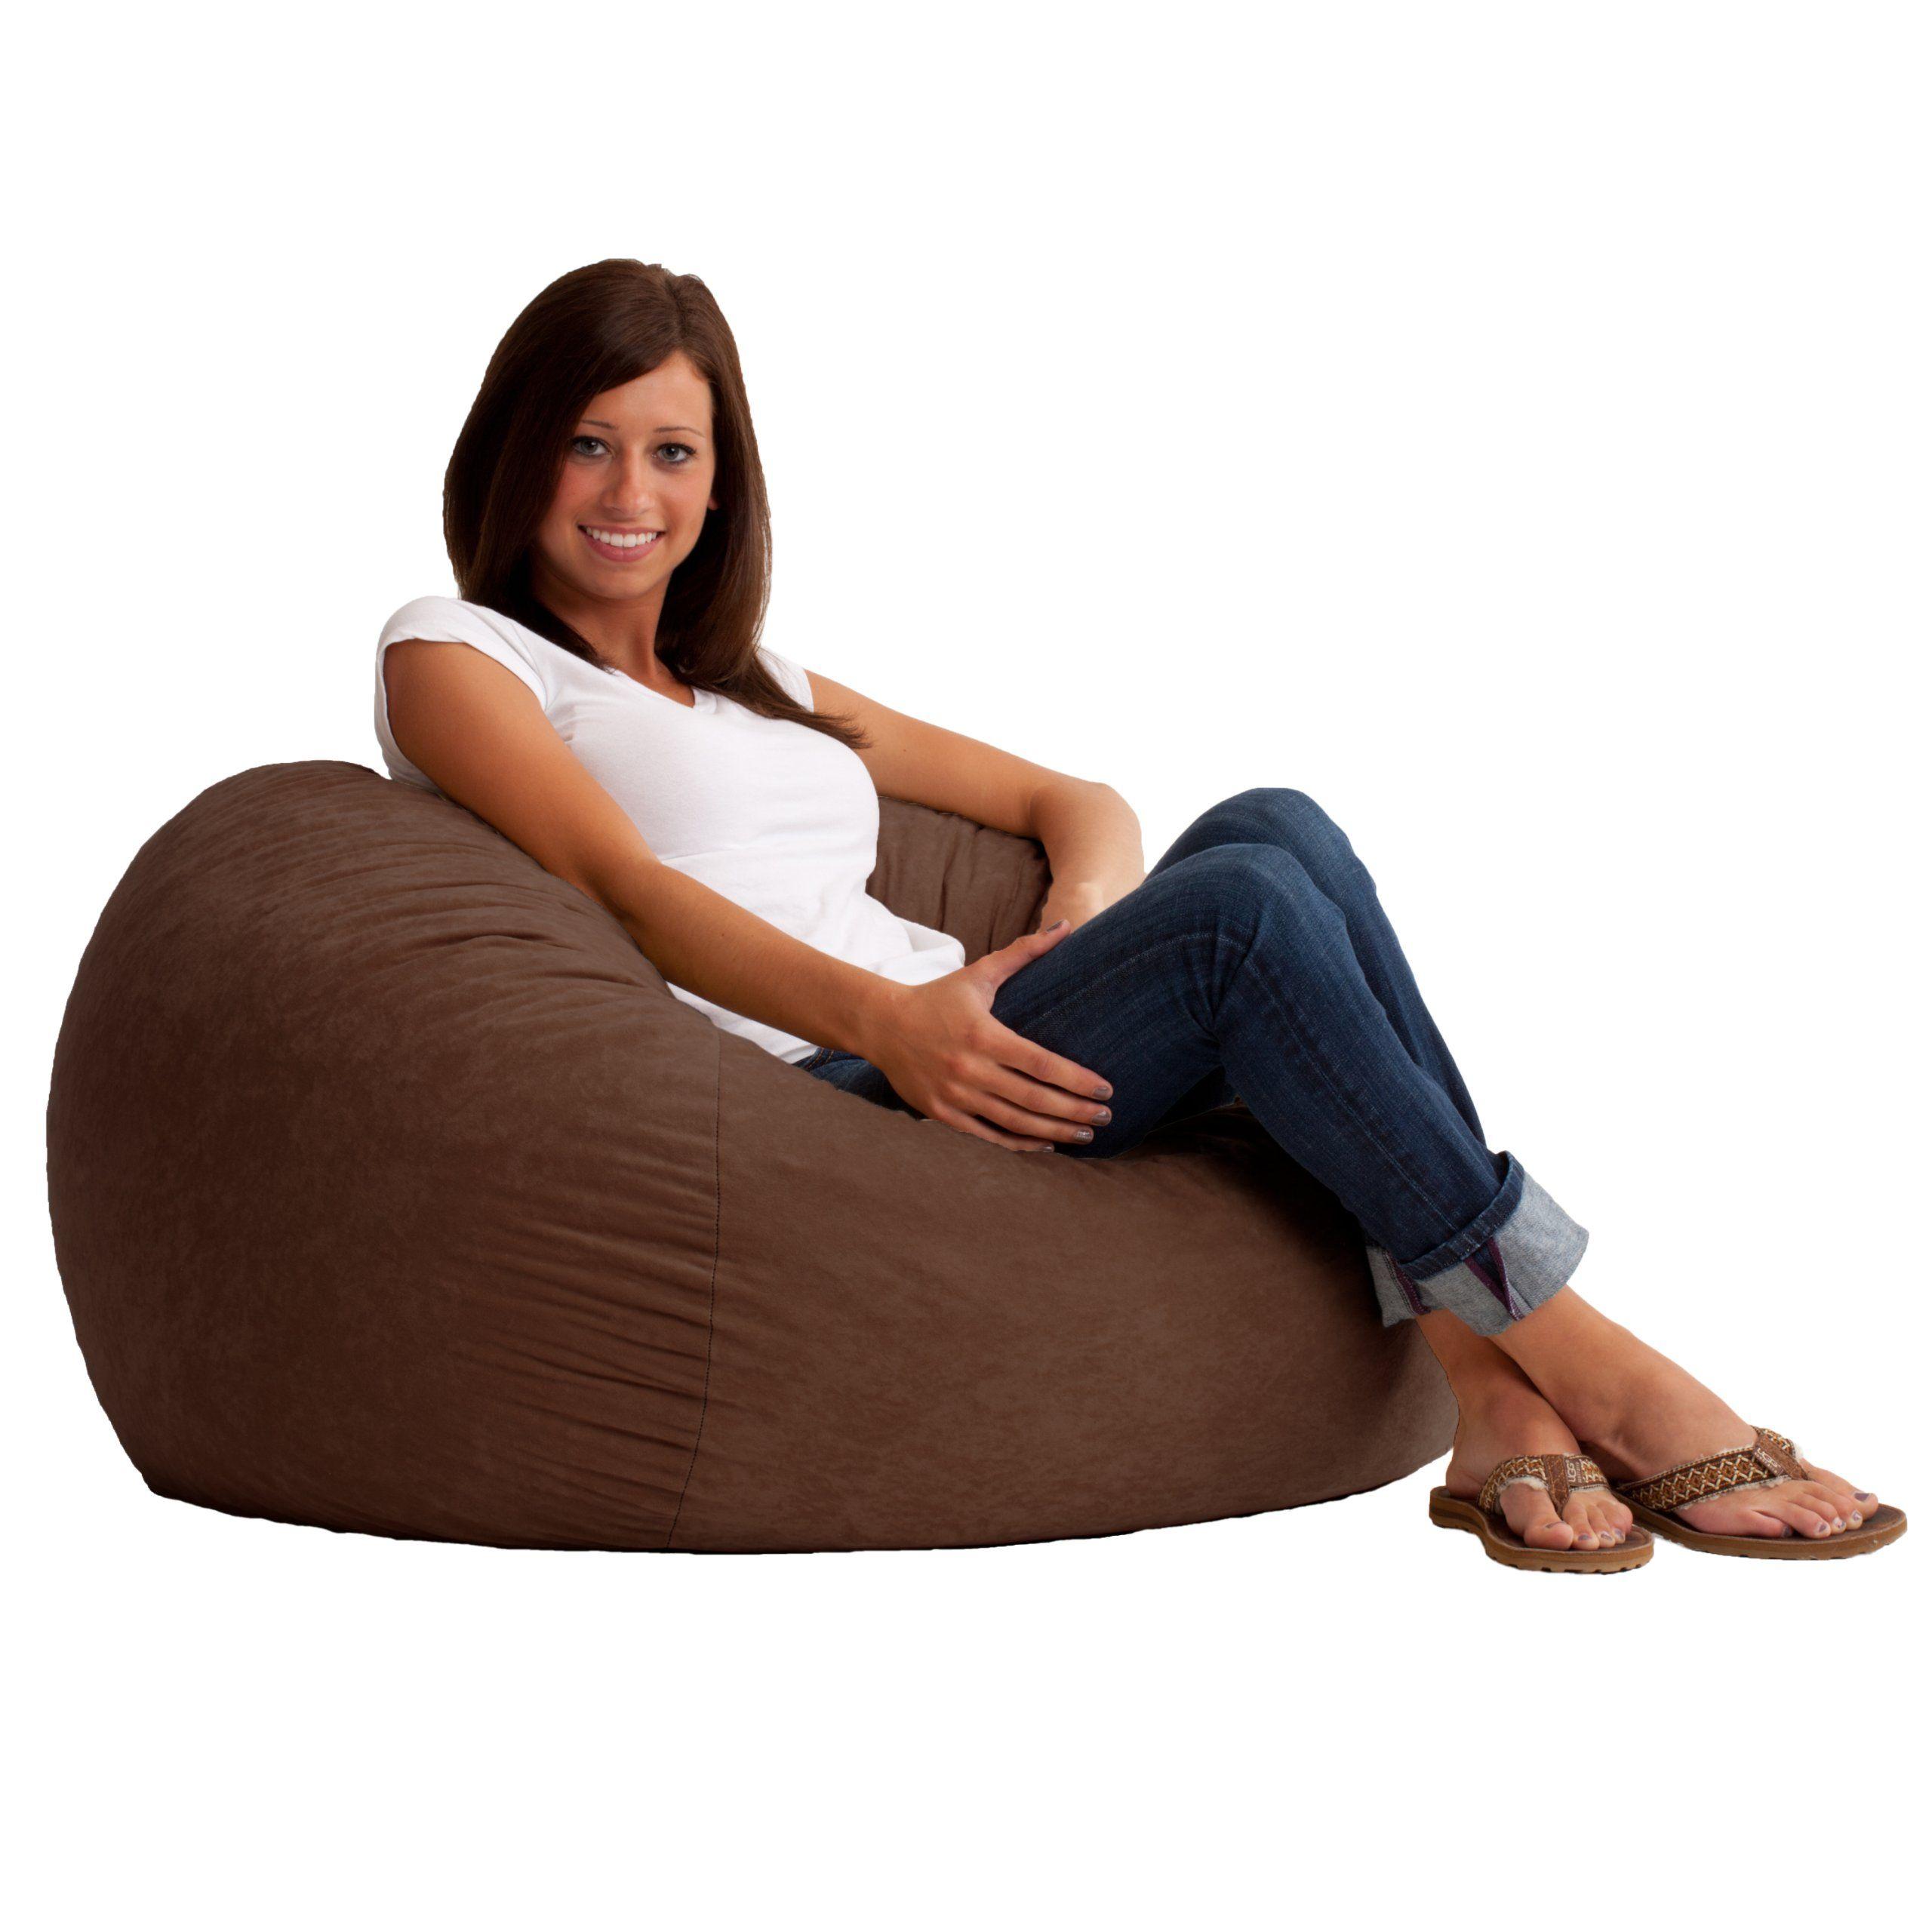 Stupendous Amazon Com Comfort Research 3 Foot Fuf In Comfort Suede Uwap Interior Chair Design Uwaporg